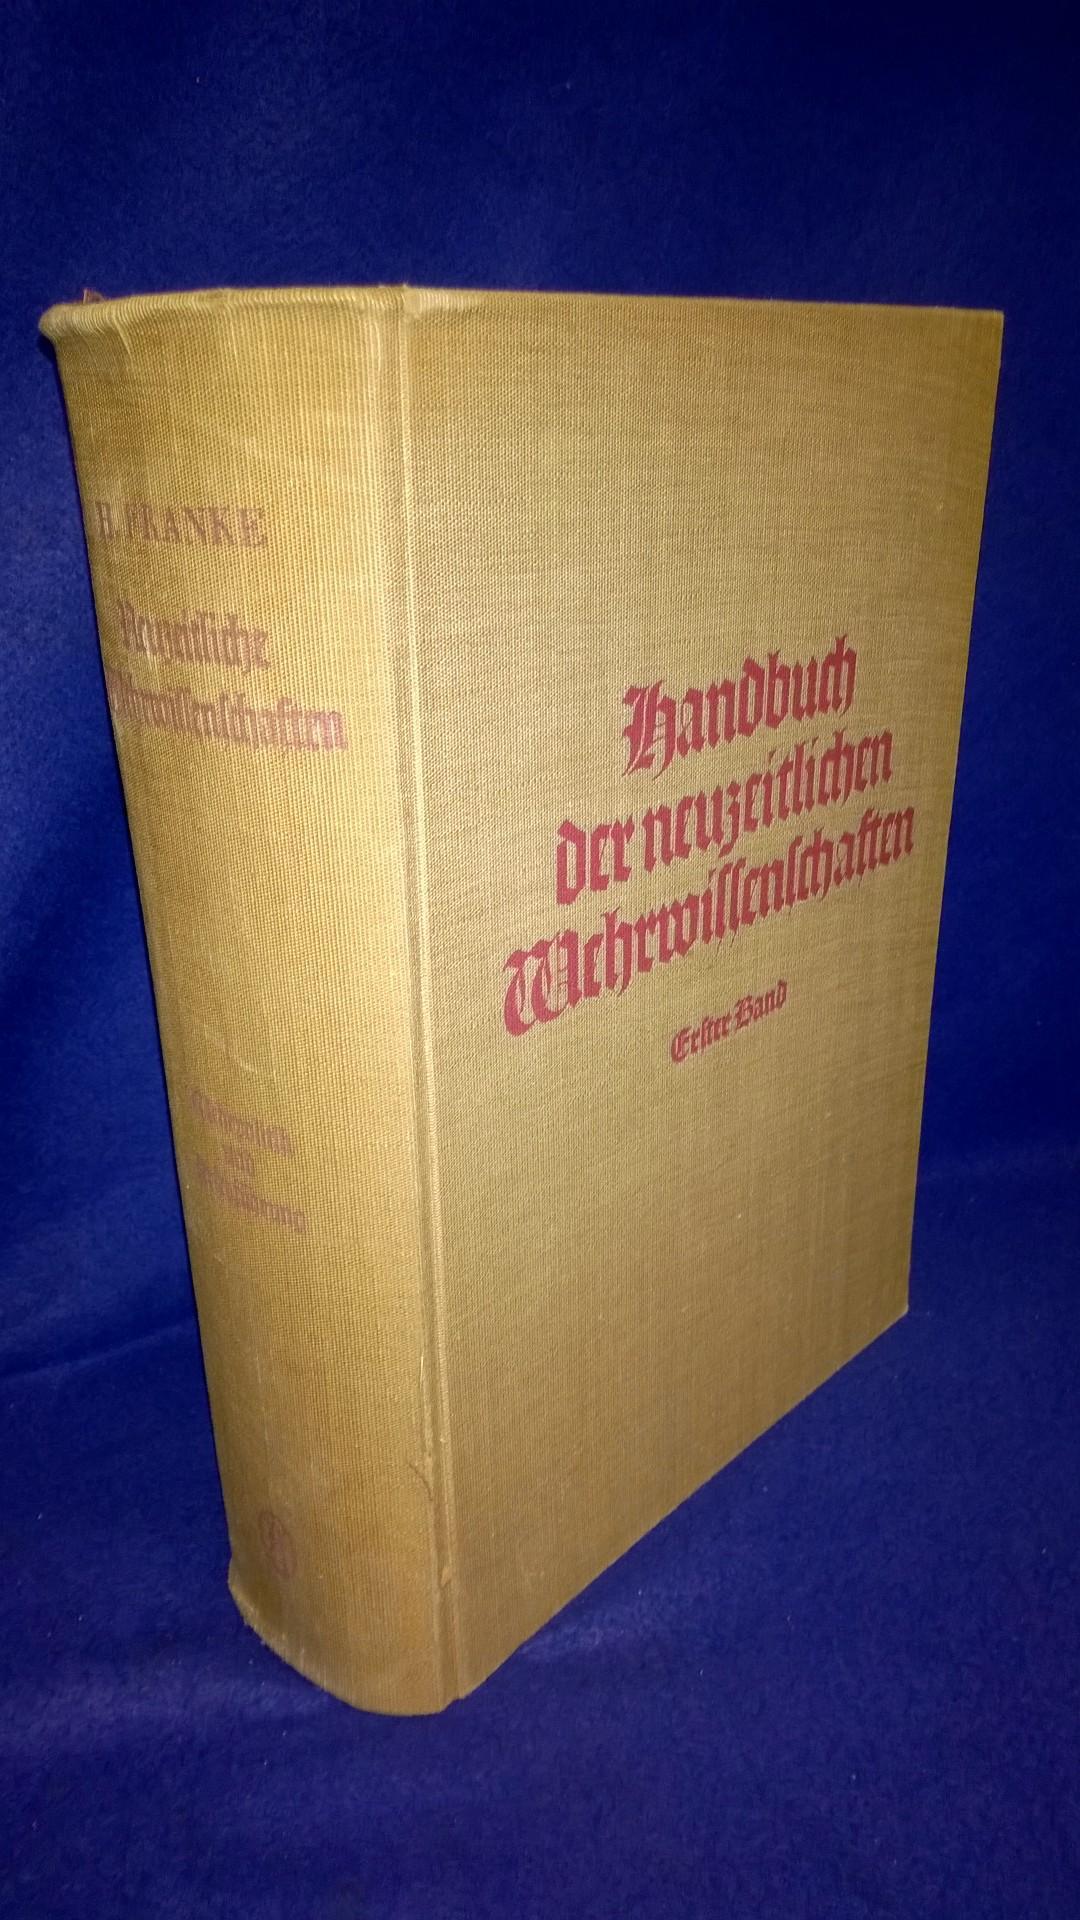 Handbuch der neuzeitlichen Wehrwissenschaften 1. Band: Wehrpolitik und Kriegsführung.